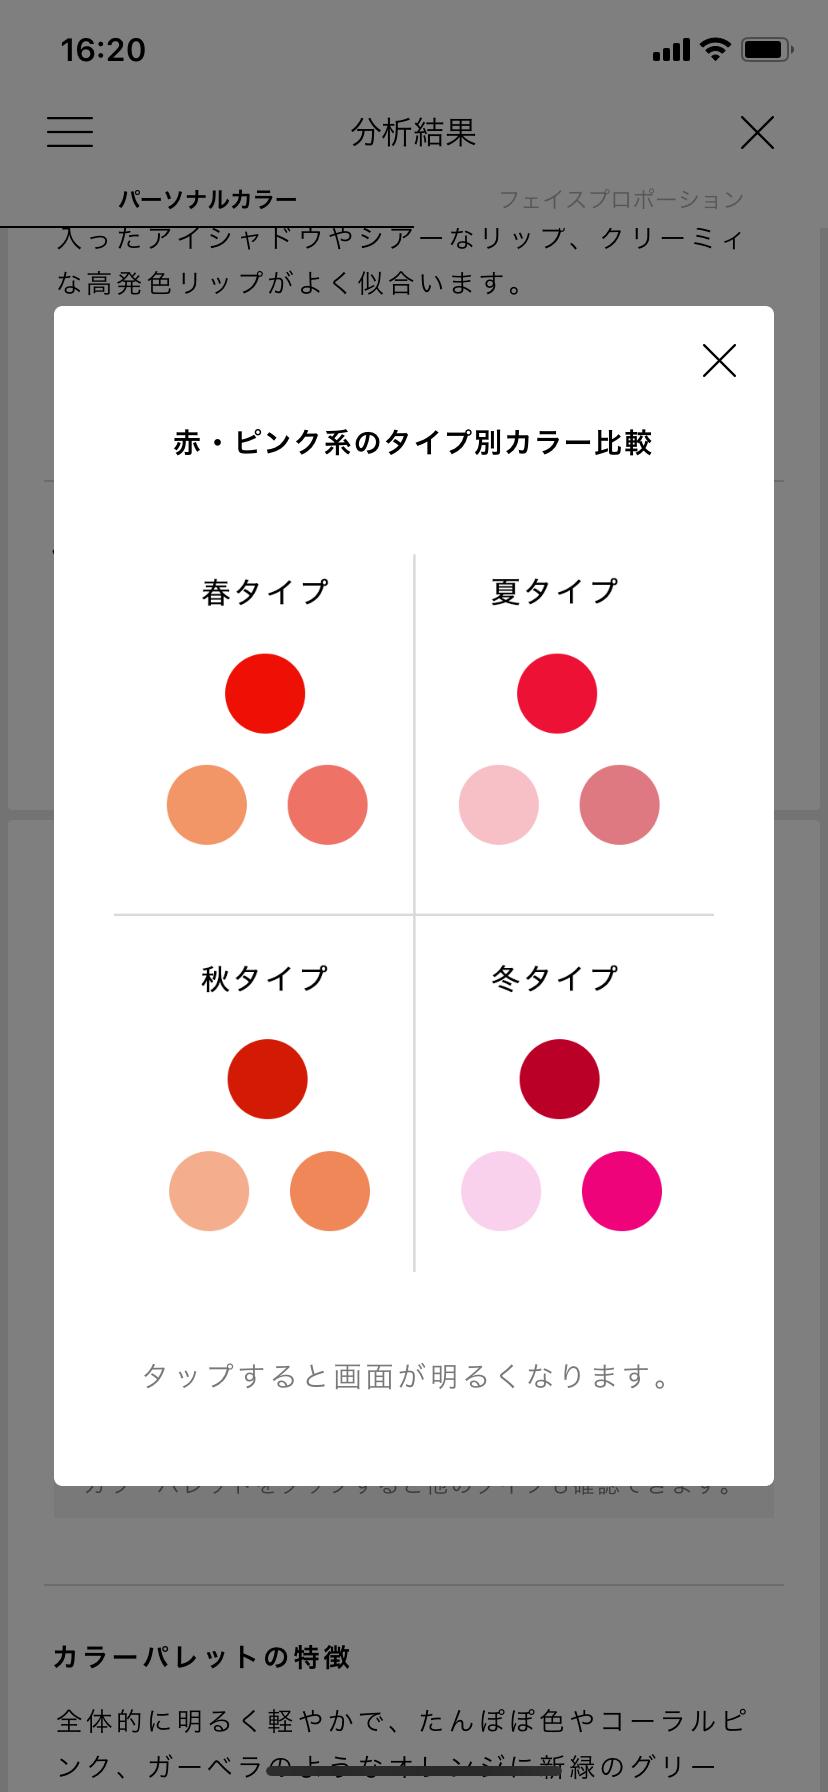 f:id:yusansan1209:20200627233245p:plain